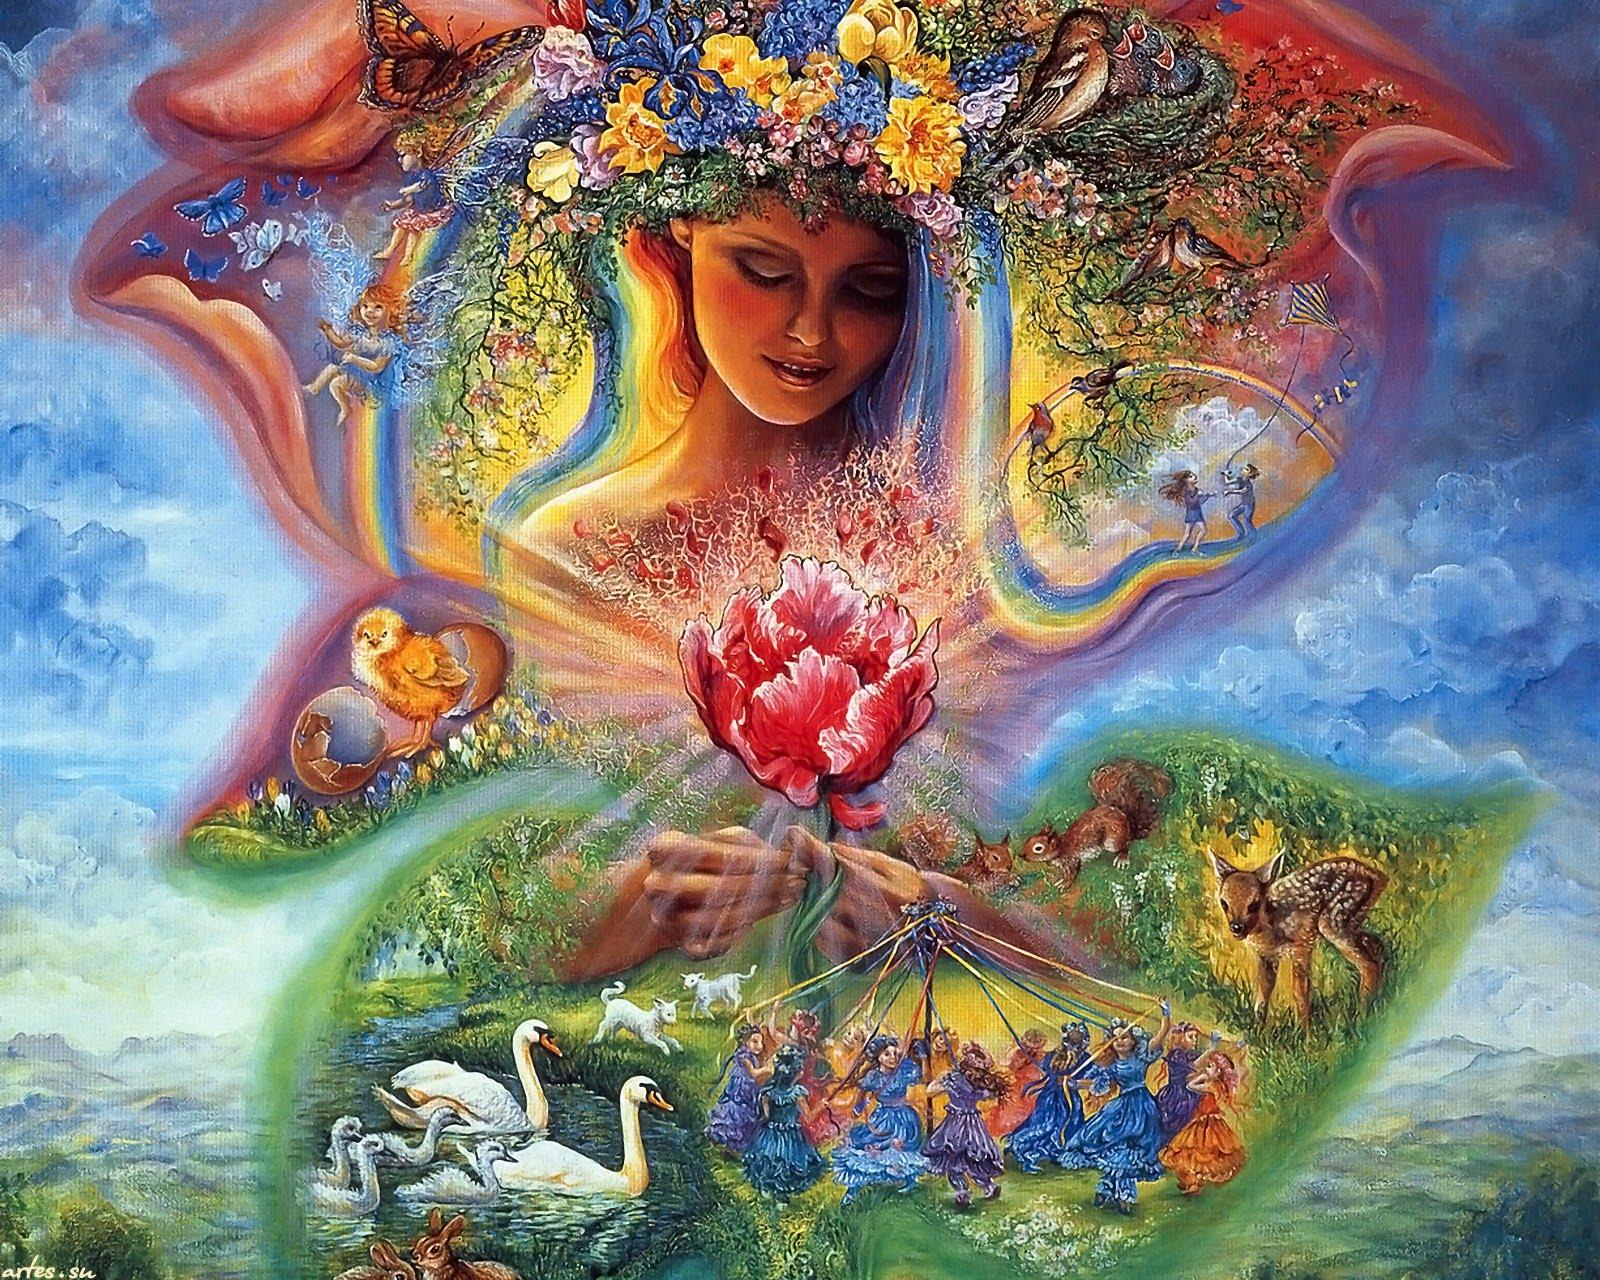 ДЕНЬ БОГИНИ ЖИВА, ПО ТРАДИЦИИ «ЖИВИН ДЕНЬ», 1 МАЯ